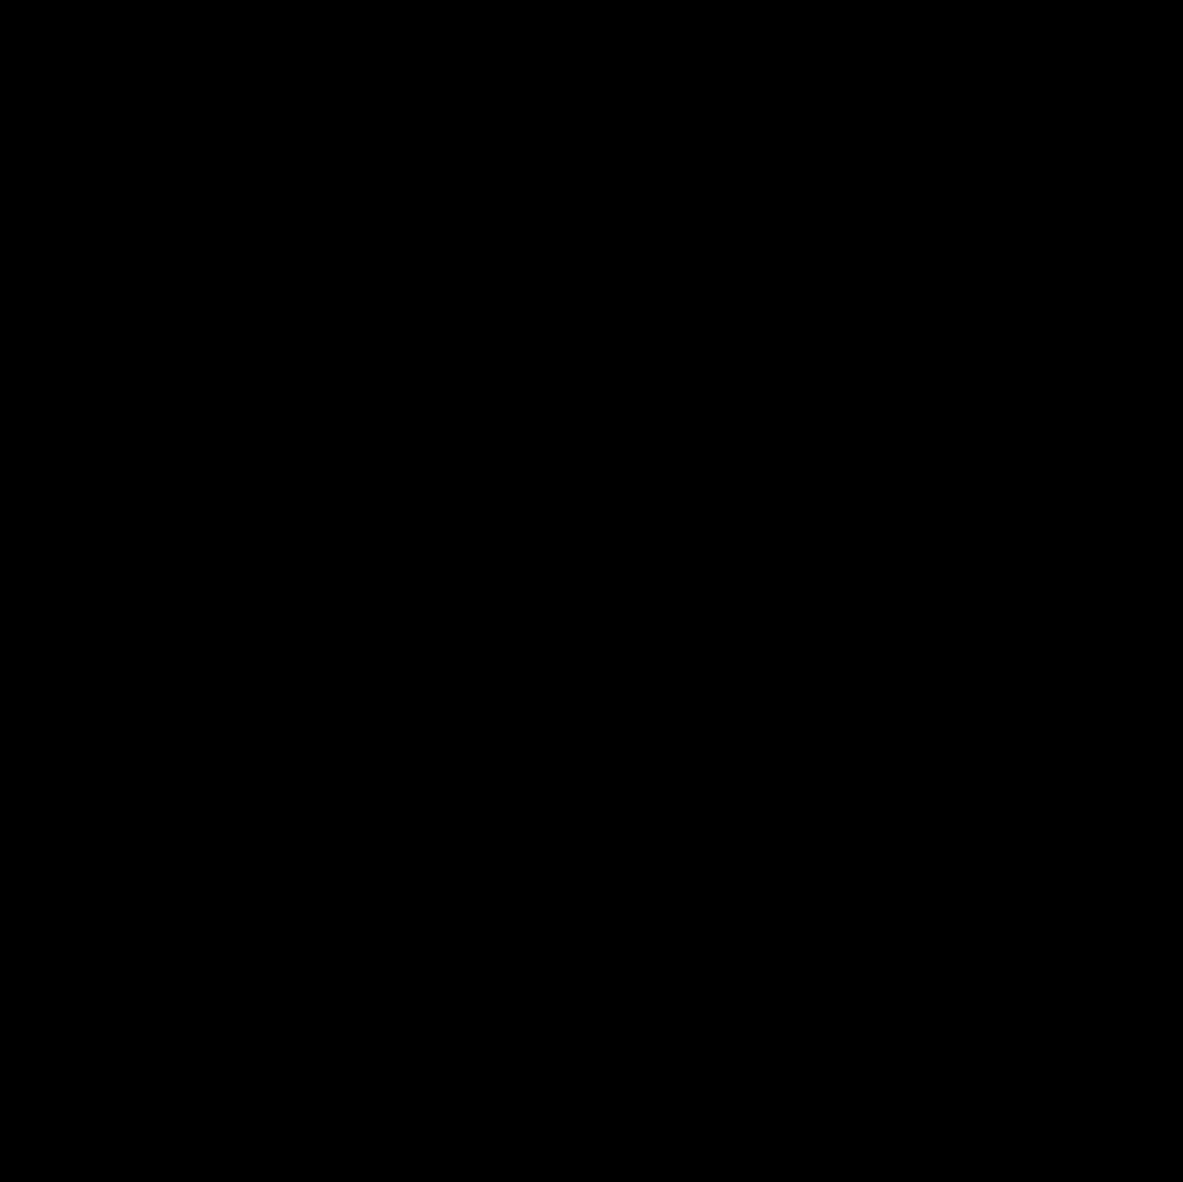 Cheerio Joe Bandlogo schwarz mit Kreis